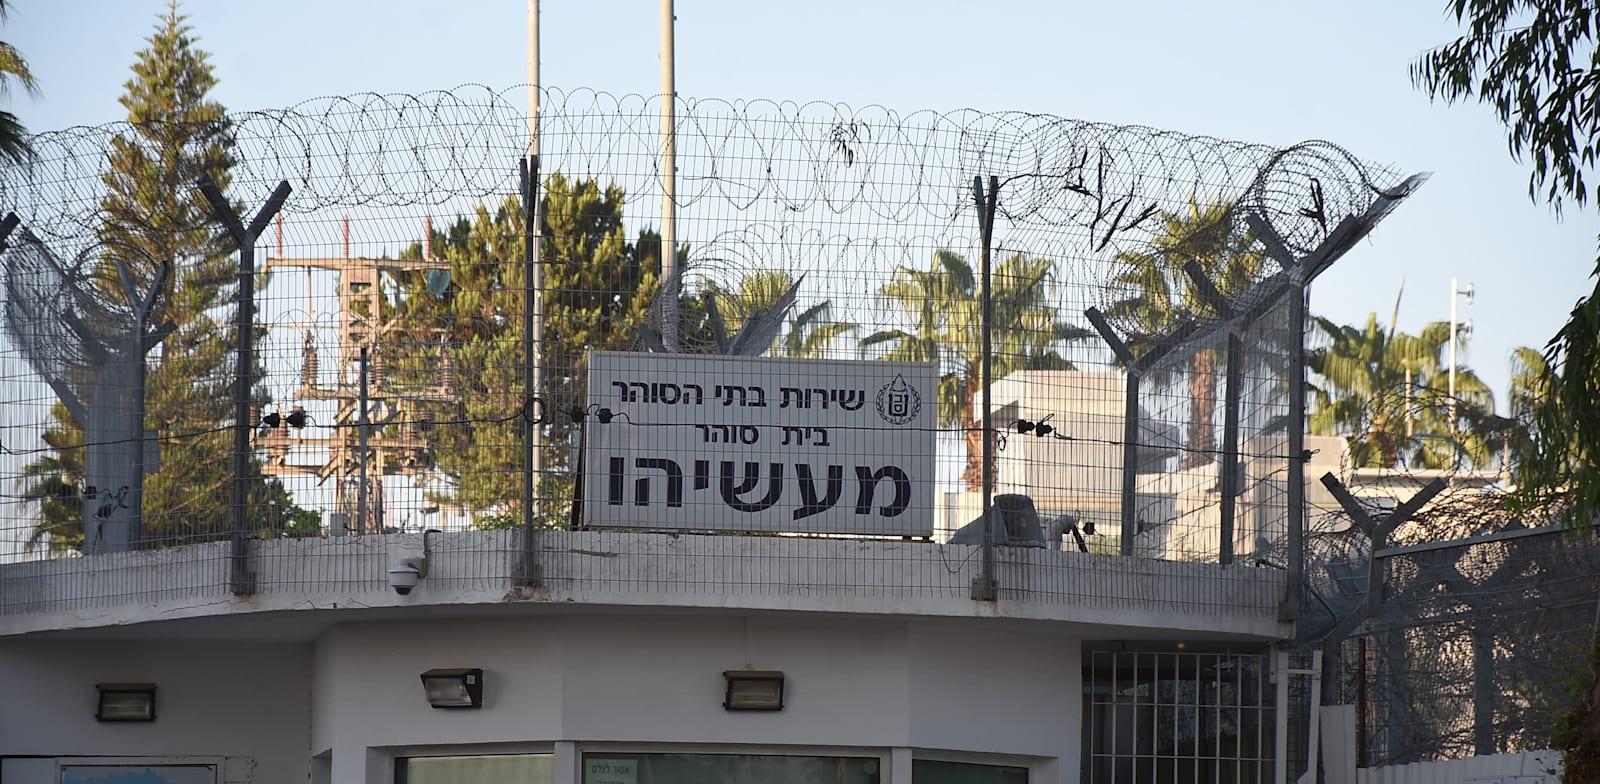 כלא מעשיהו / צילום: יוסי כהן